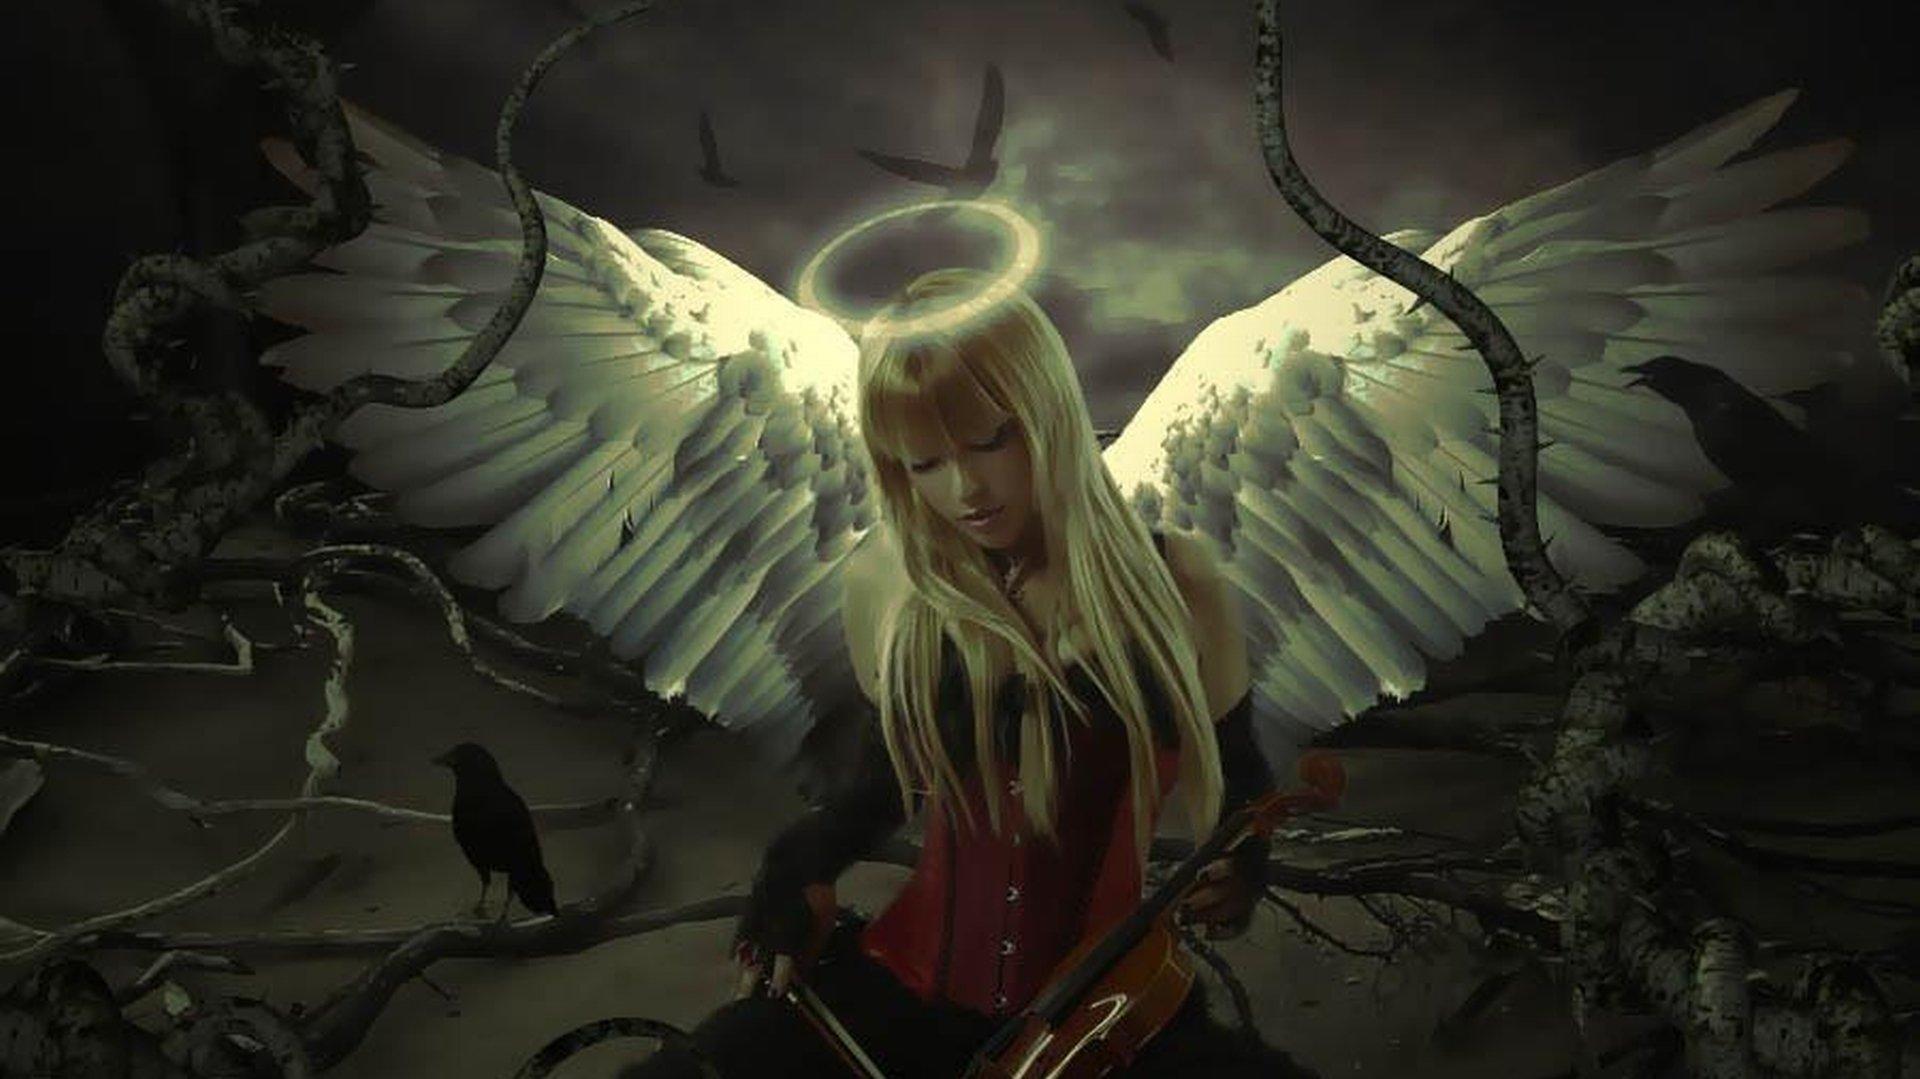 Фэнтези - Ангел  Невеста Обои